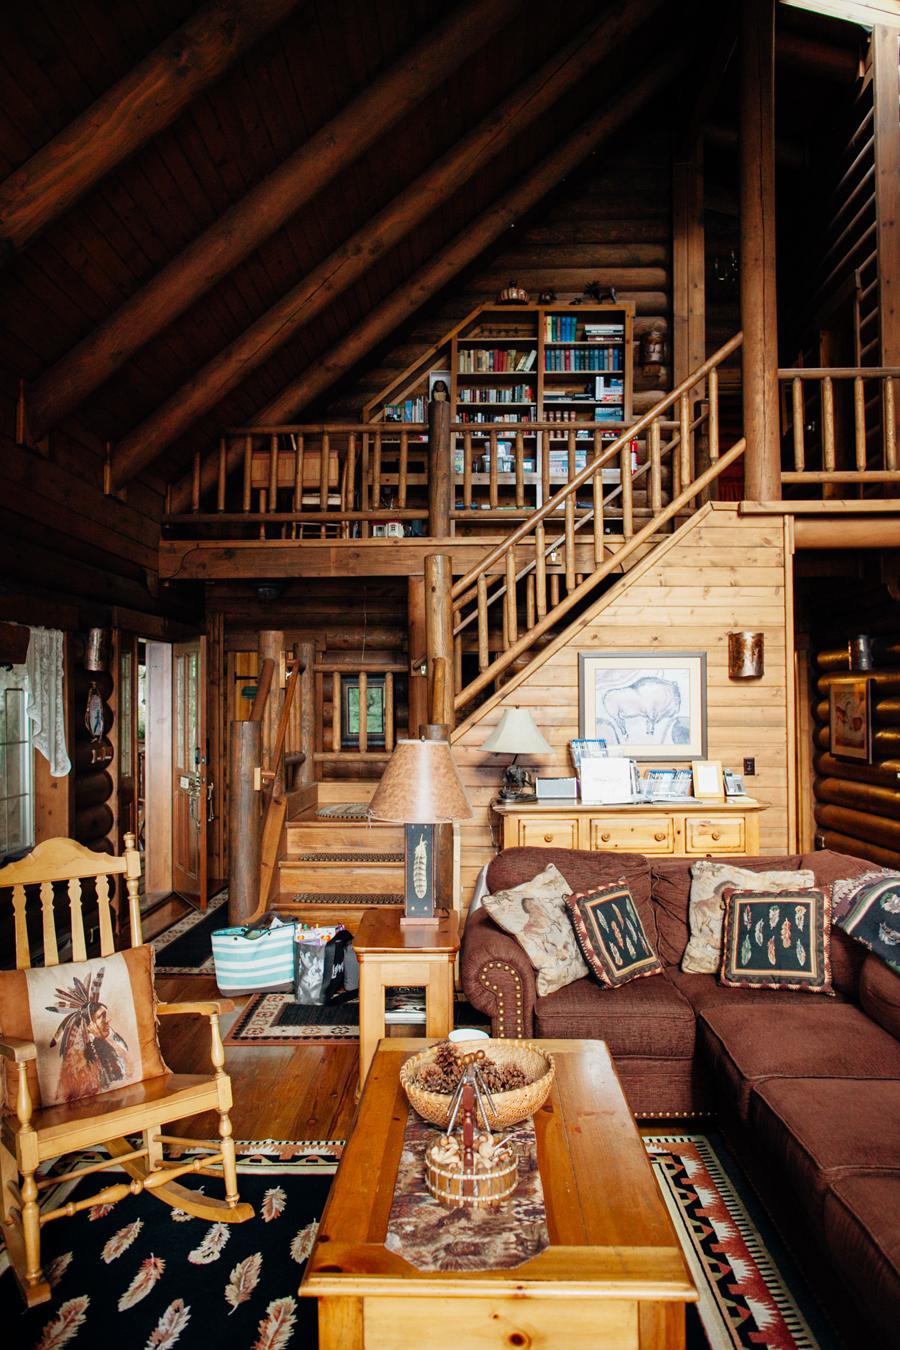 001-orcas-island-cabin-weekend-airbnb.jpg